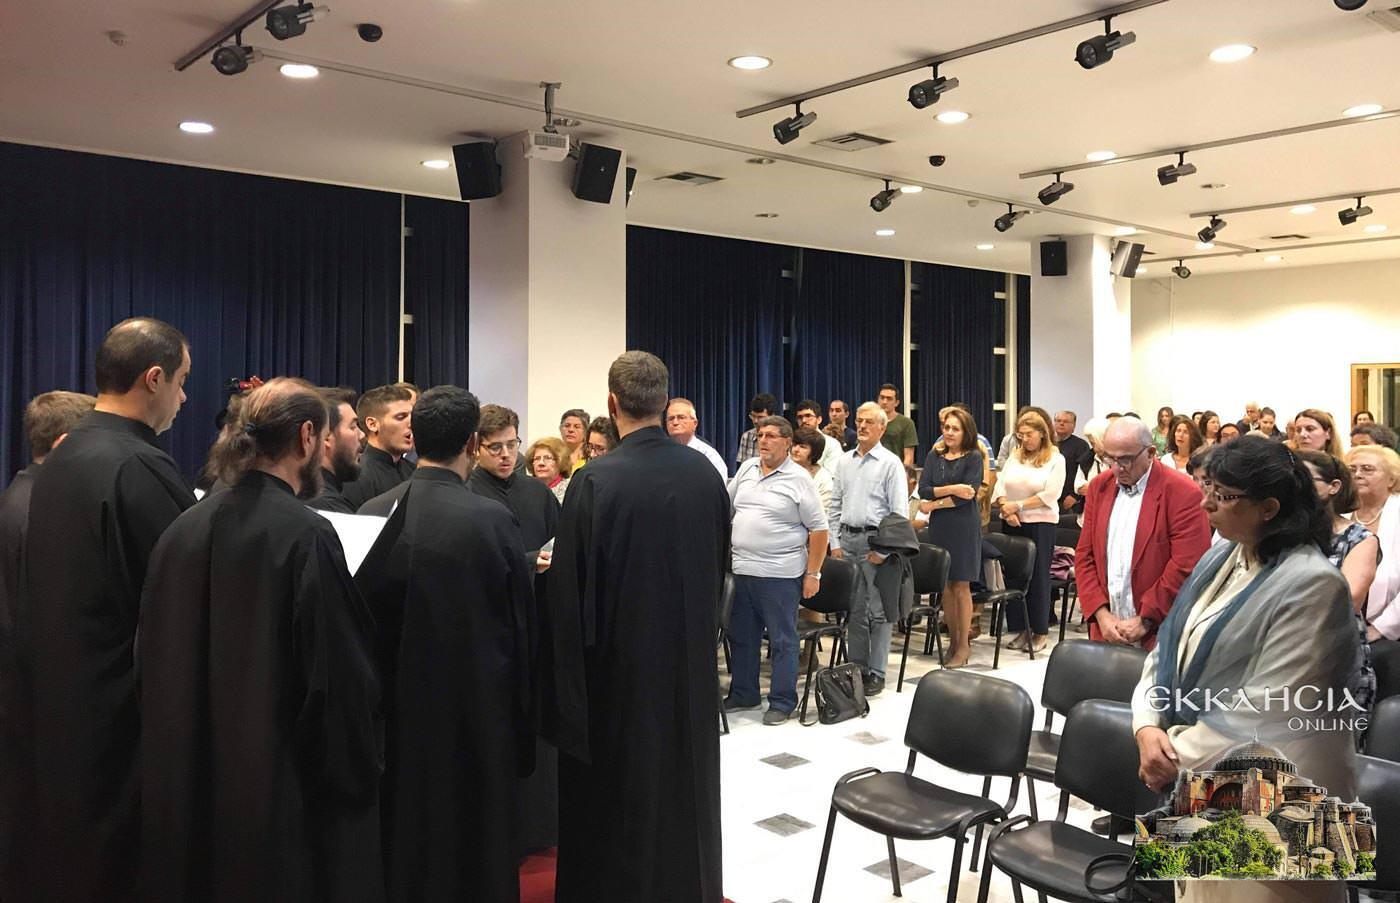 Εστία πατερικών μελετών εκδήλωση Μαρούσι 2019